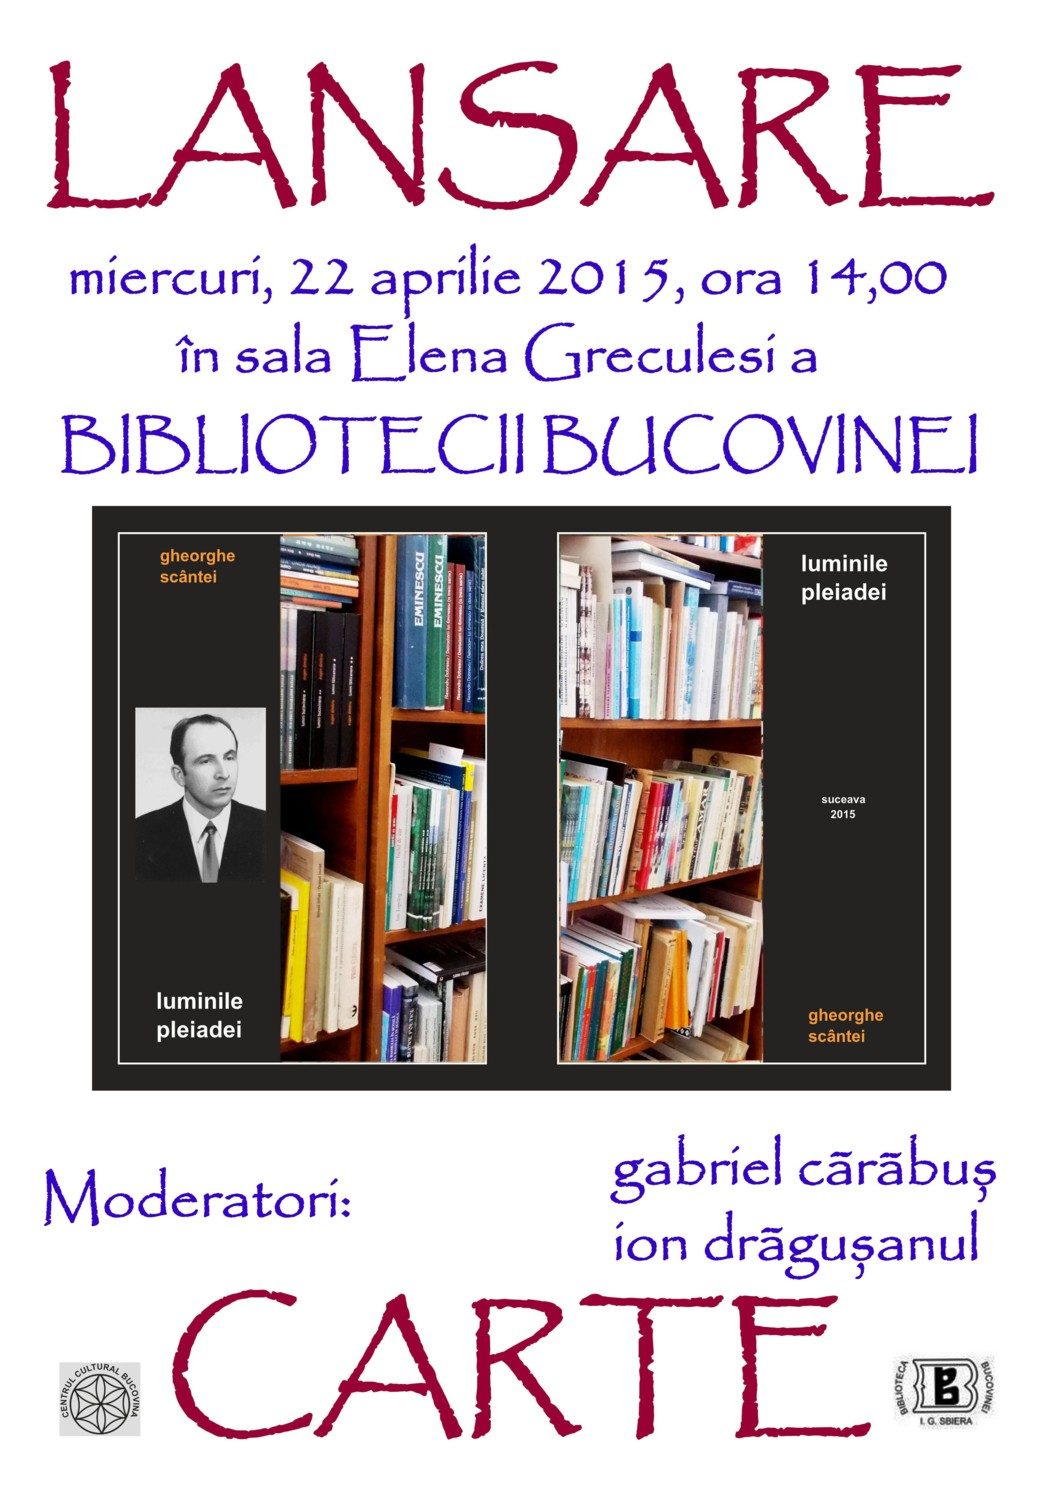 Cartea care se va lansa miercuri, 22 aprilie 2015